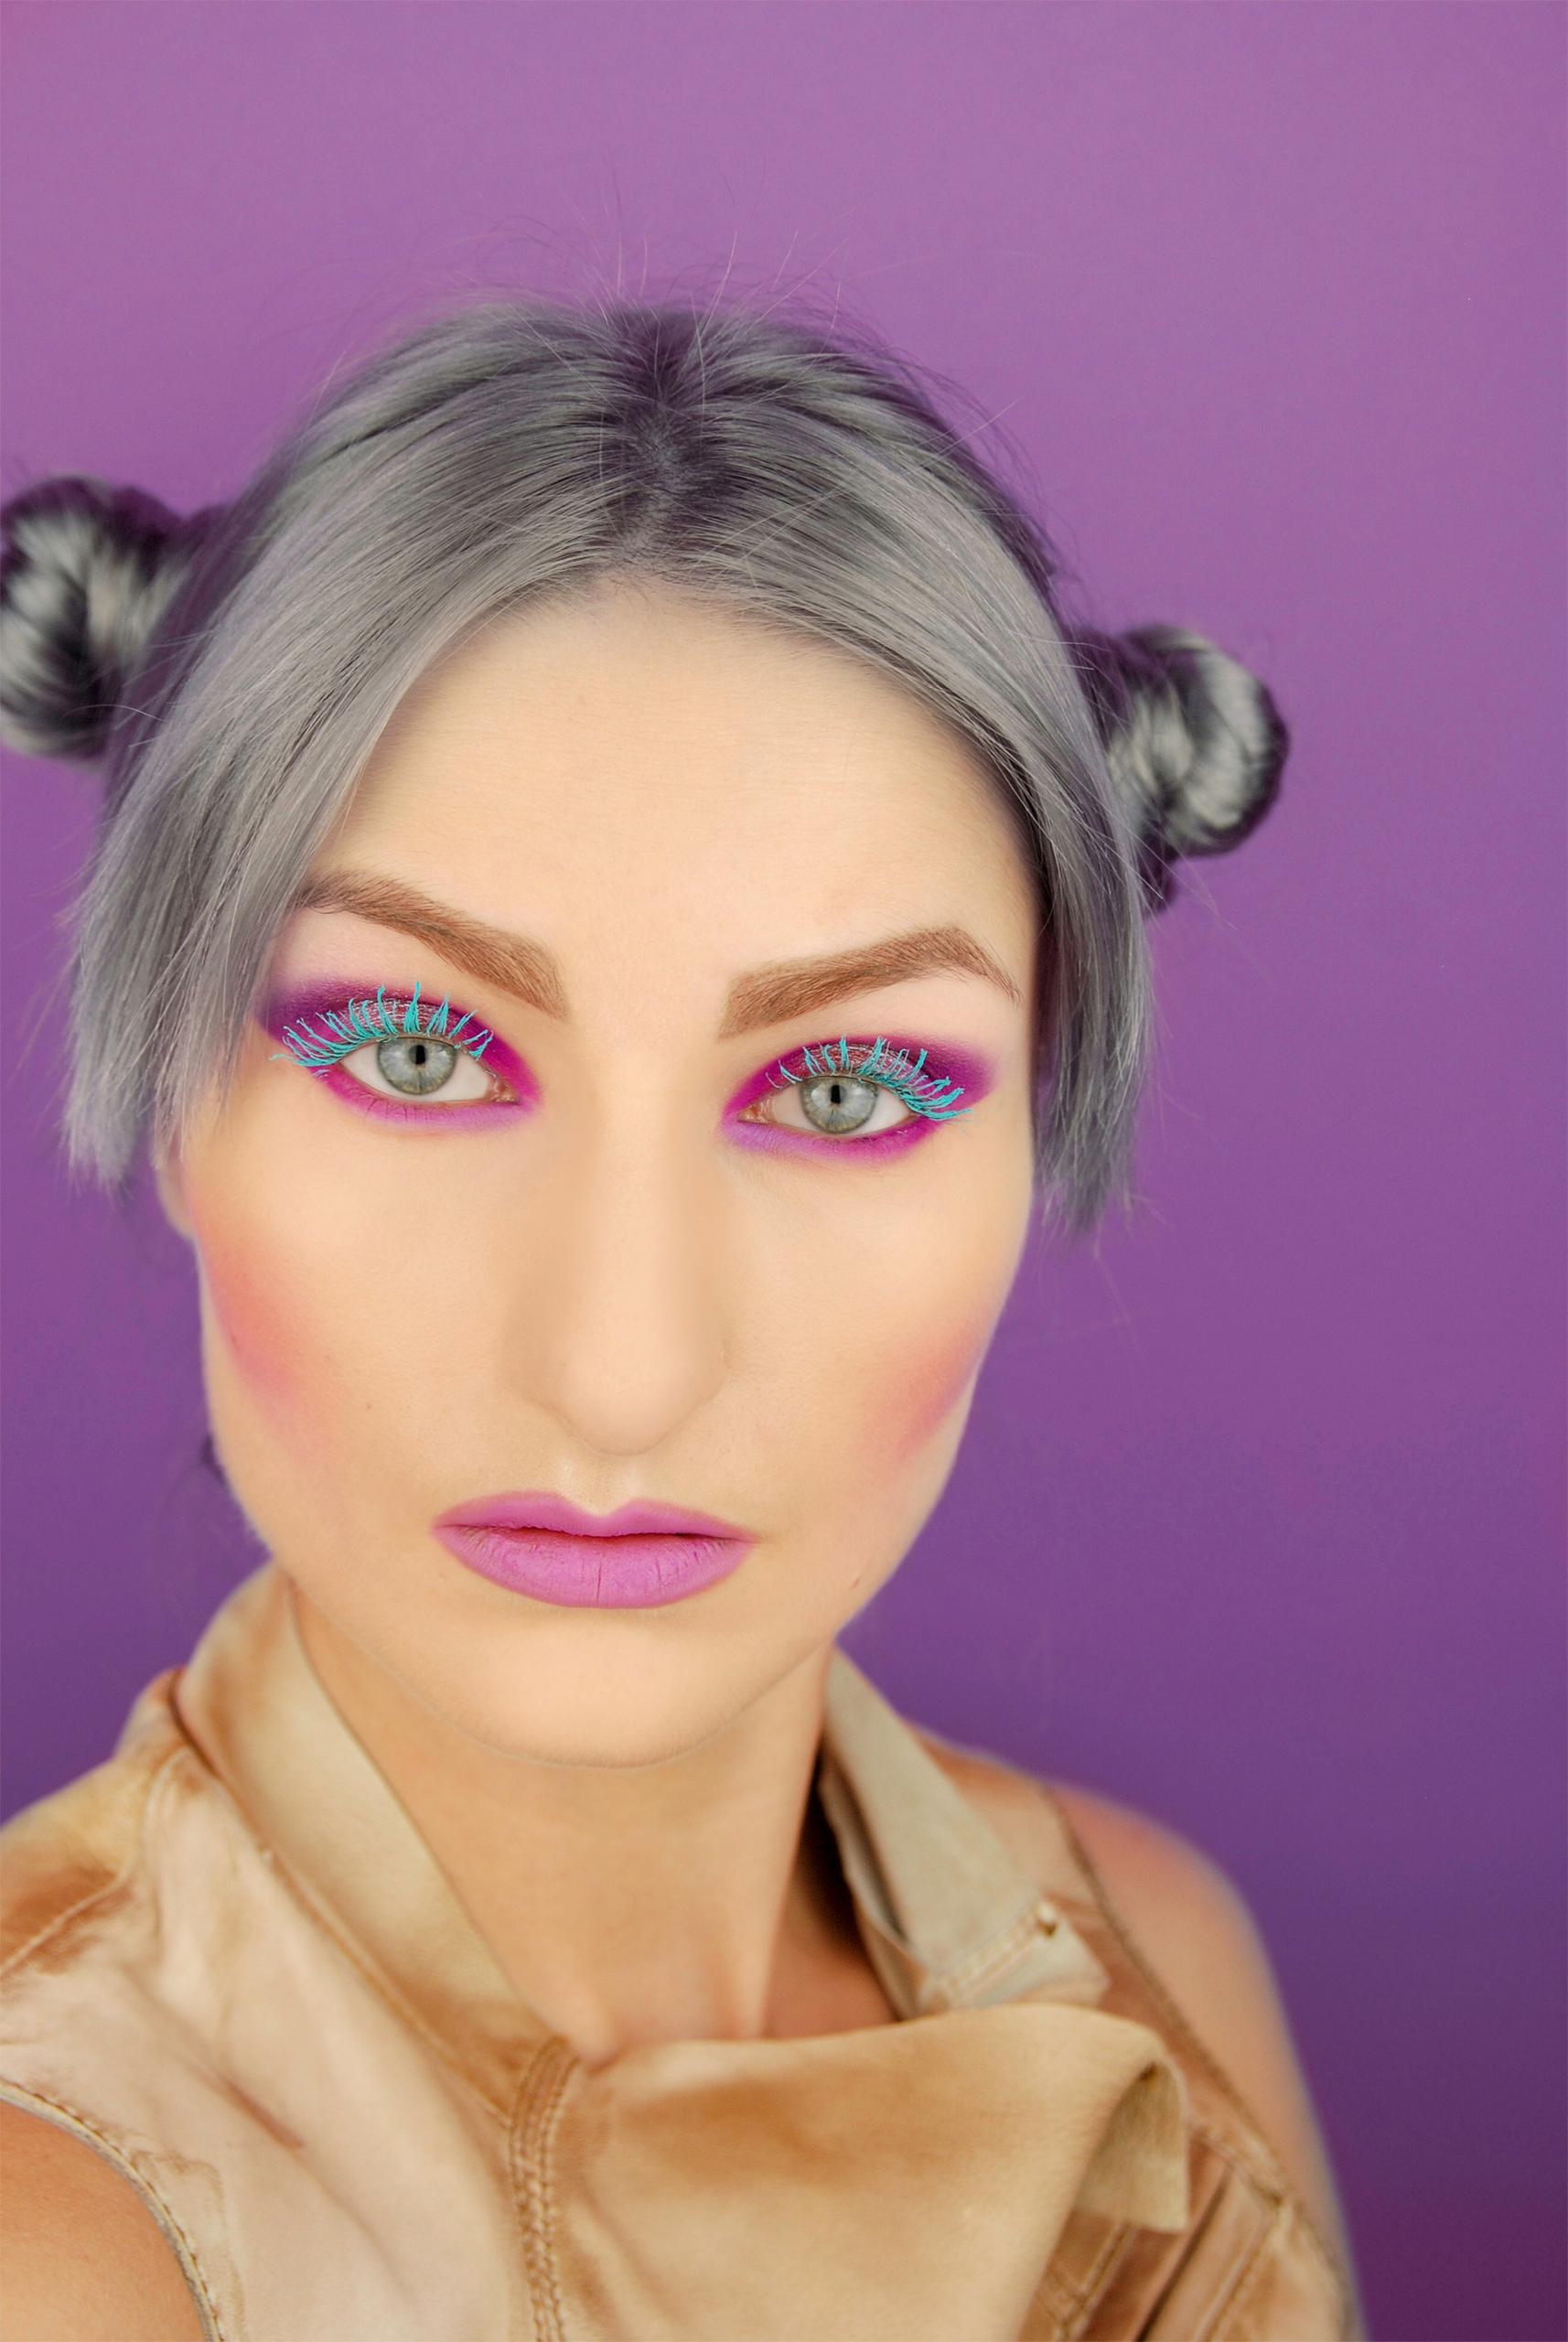 Zdjęcie przedstawia portret kobiety na fioletowym tle. Kobieta ma mocny makijaż i włosy siwego koloru.